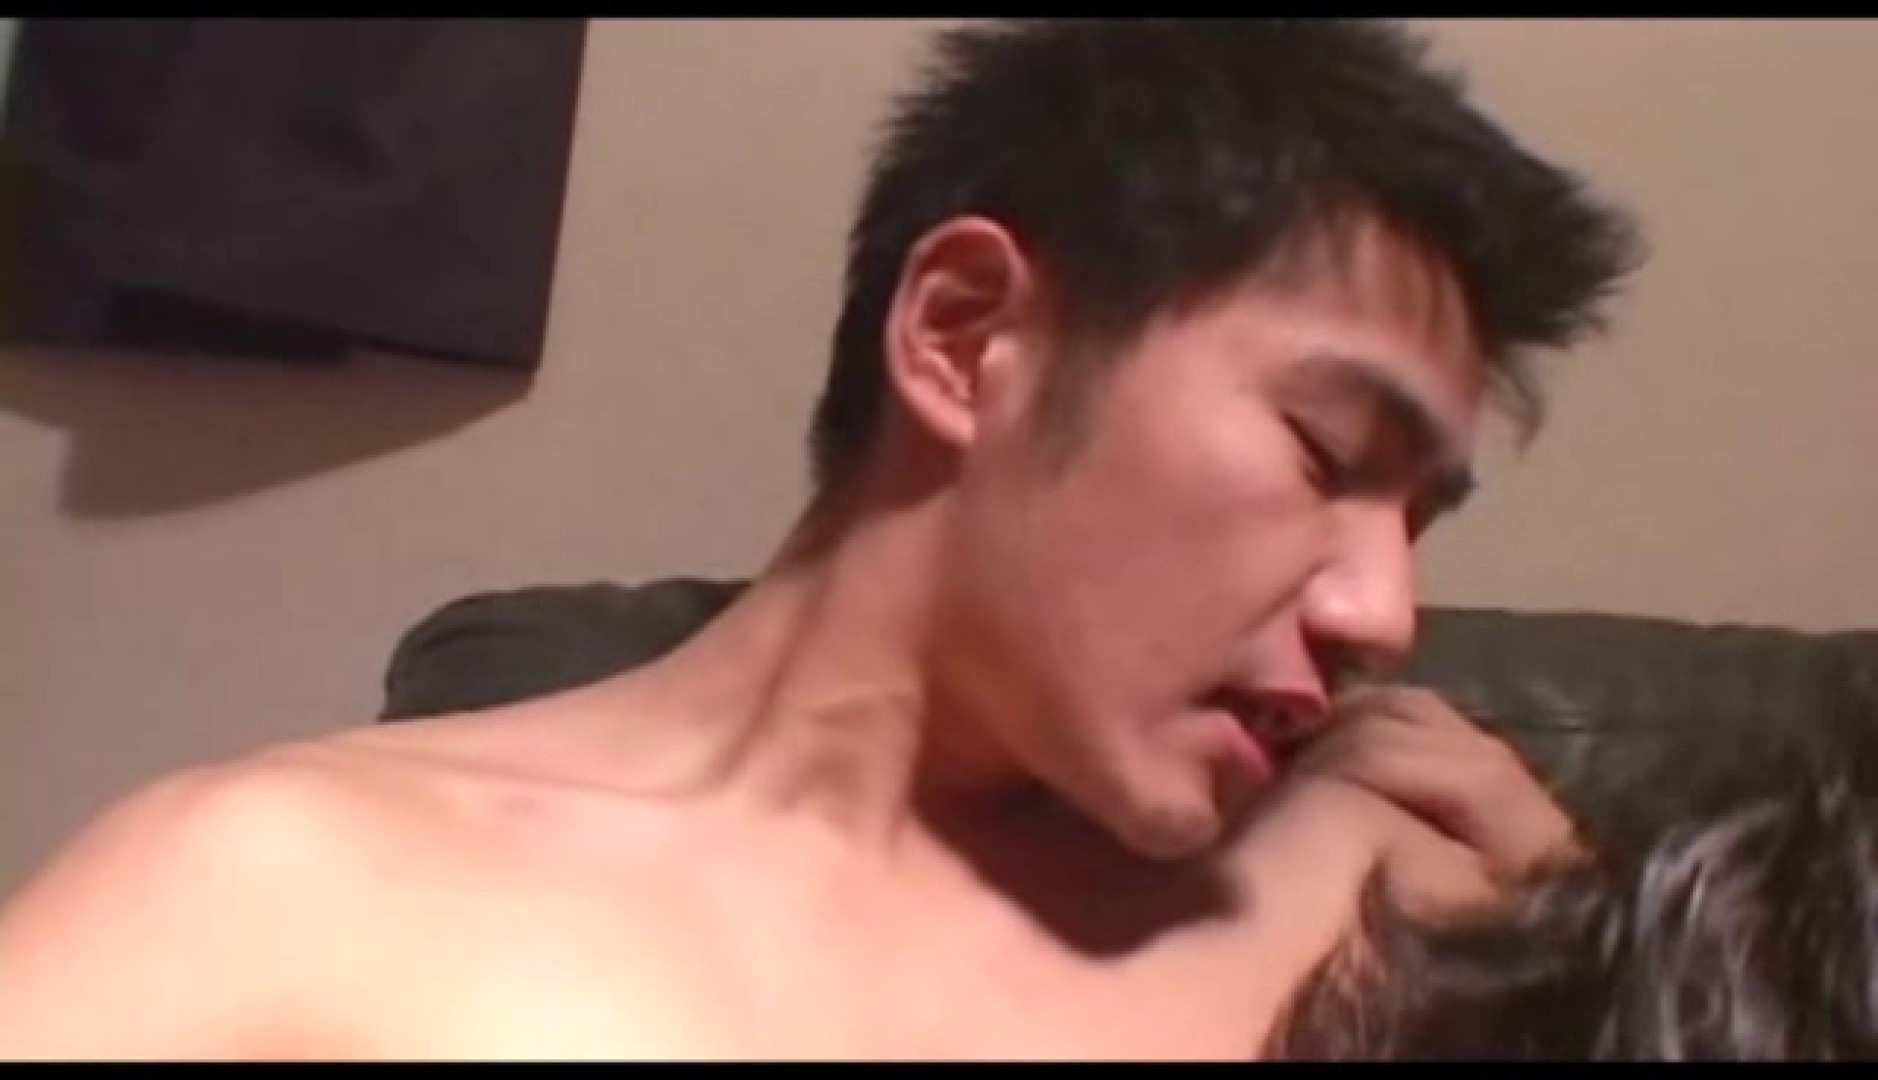 イケメンダブルス!Vol.02 イケメンパラダイス ケツマンスケベ画像 95pic 18